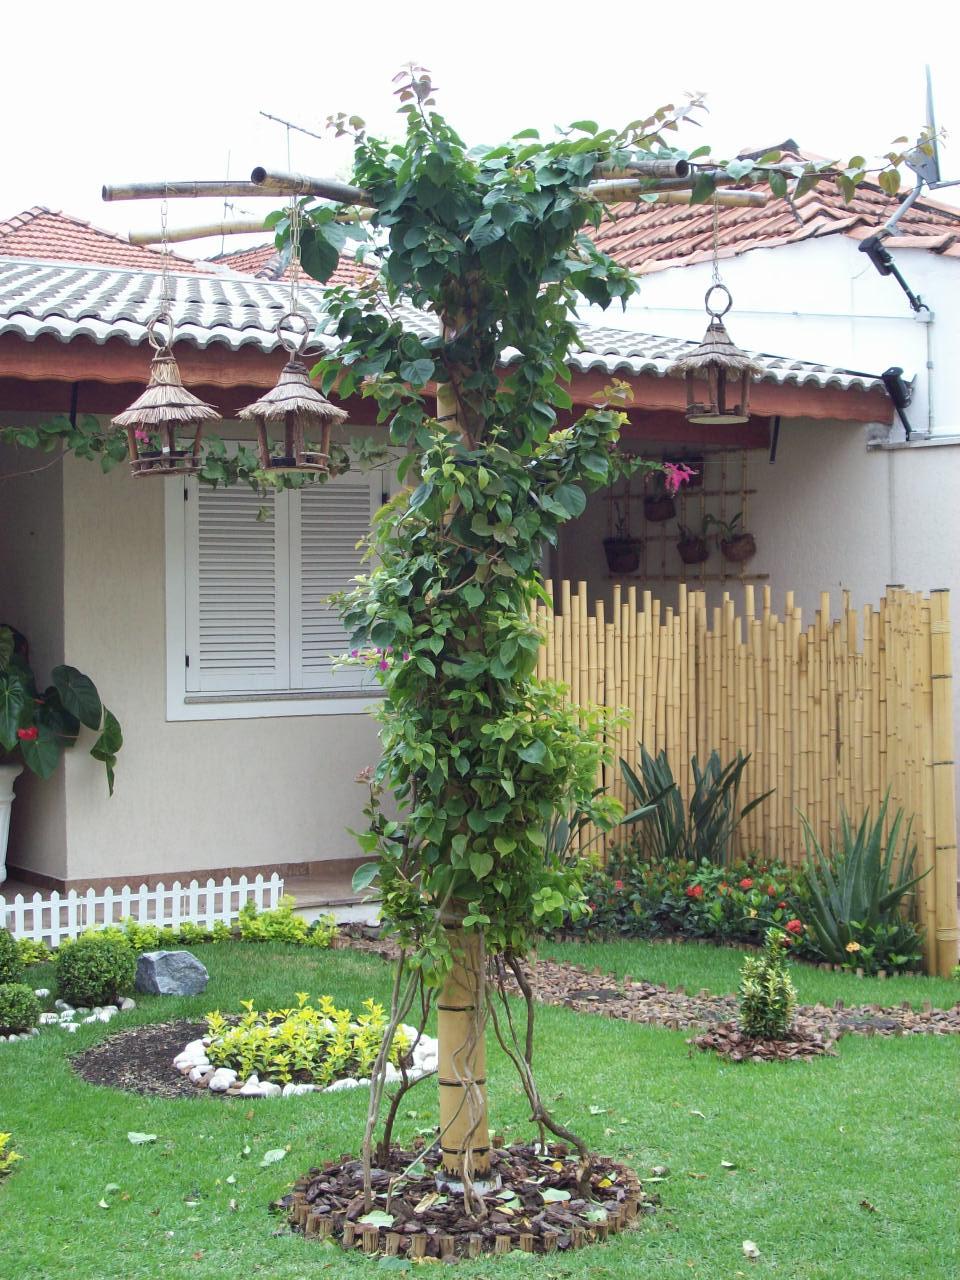 trelica bambu jardim : trelica bambu jardim:Artbambu e palha: Cerca de bambu indiano para jardins de inverno